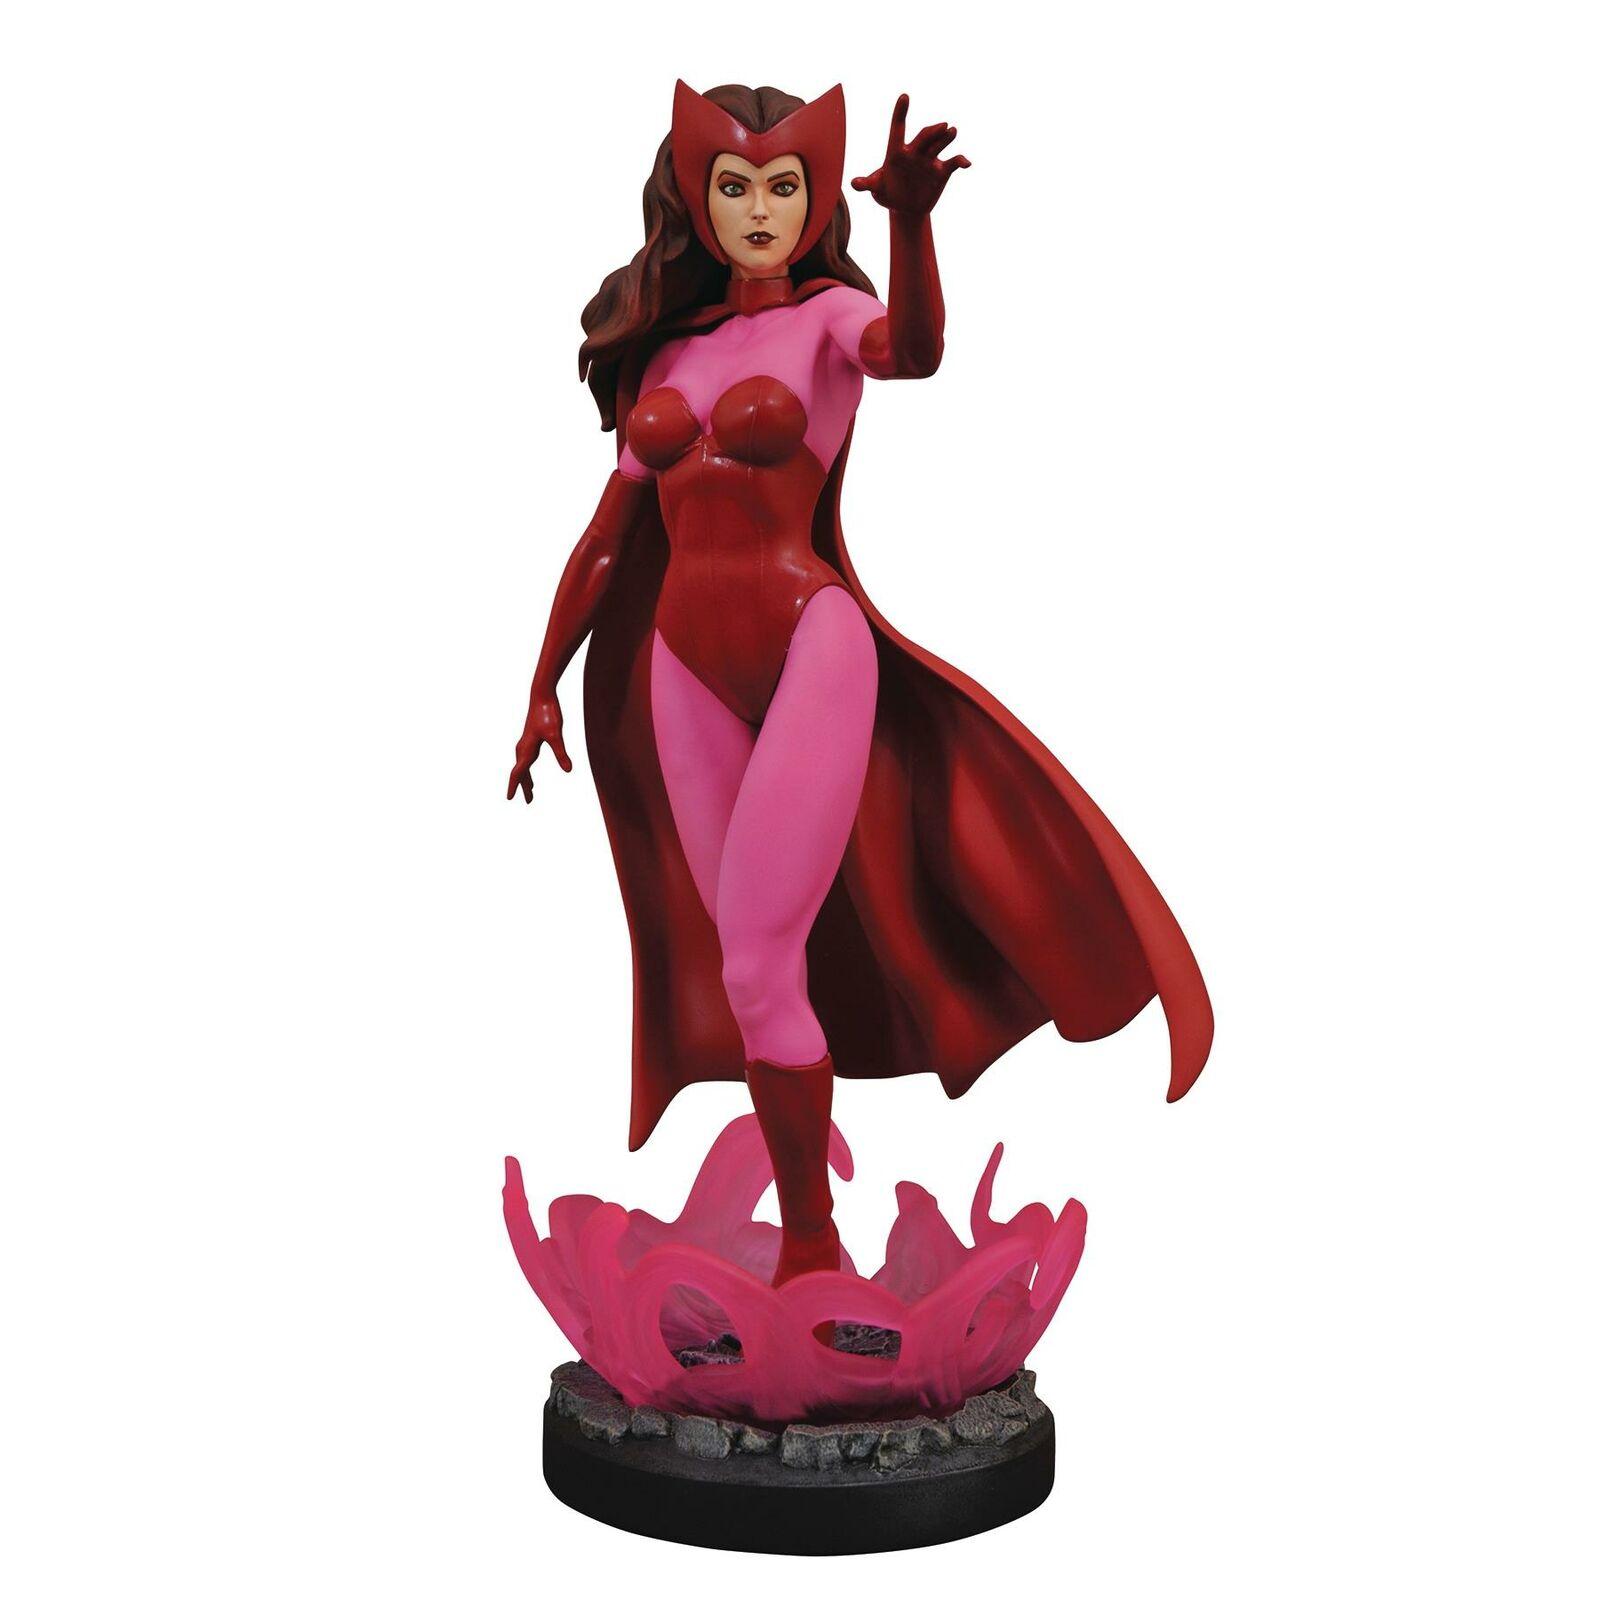 Marvel Premiere Svoiturelet Witch Statue  X-Hommes Diamond Select Toys  jusqu'à 70% de réduction